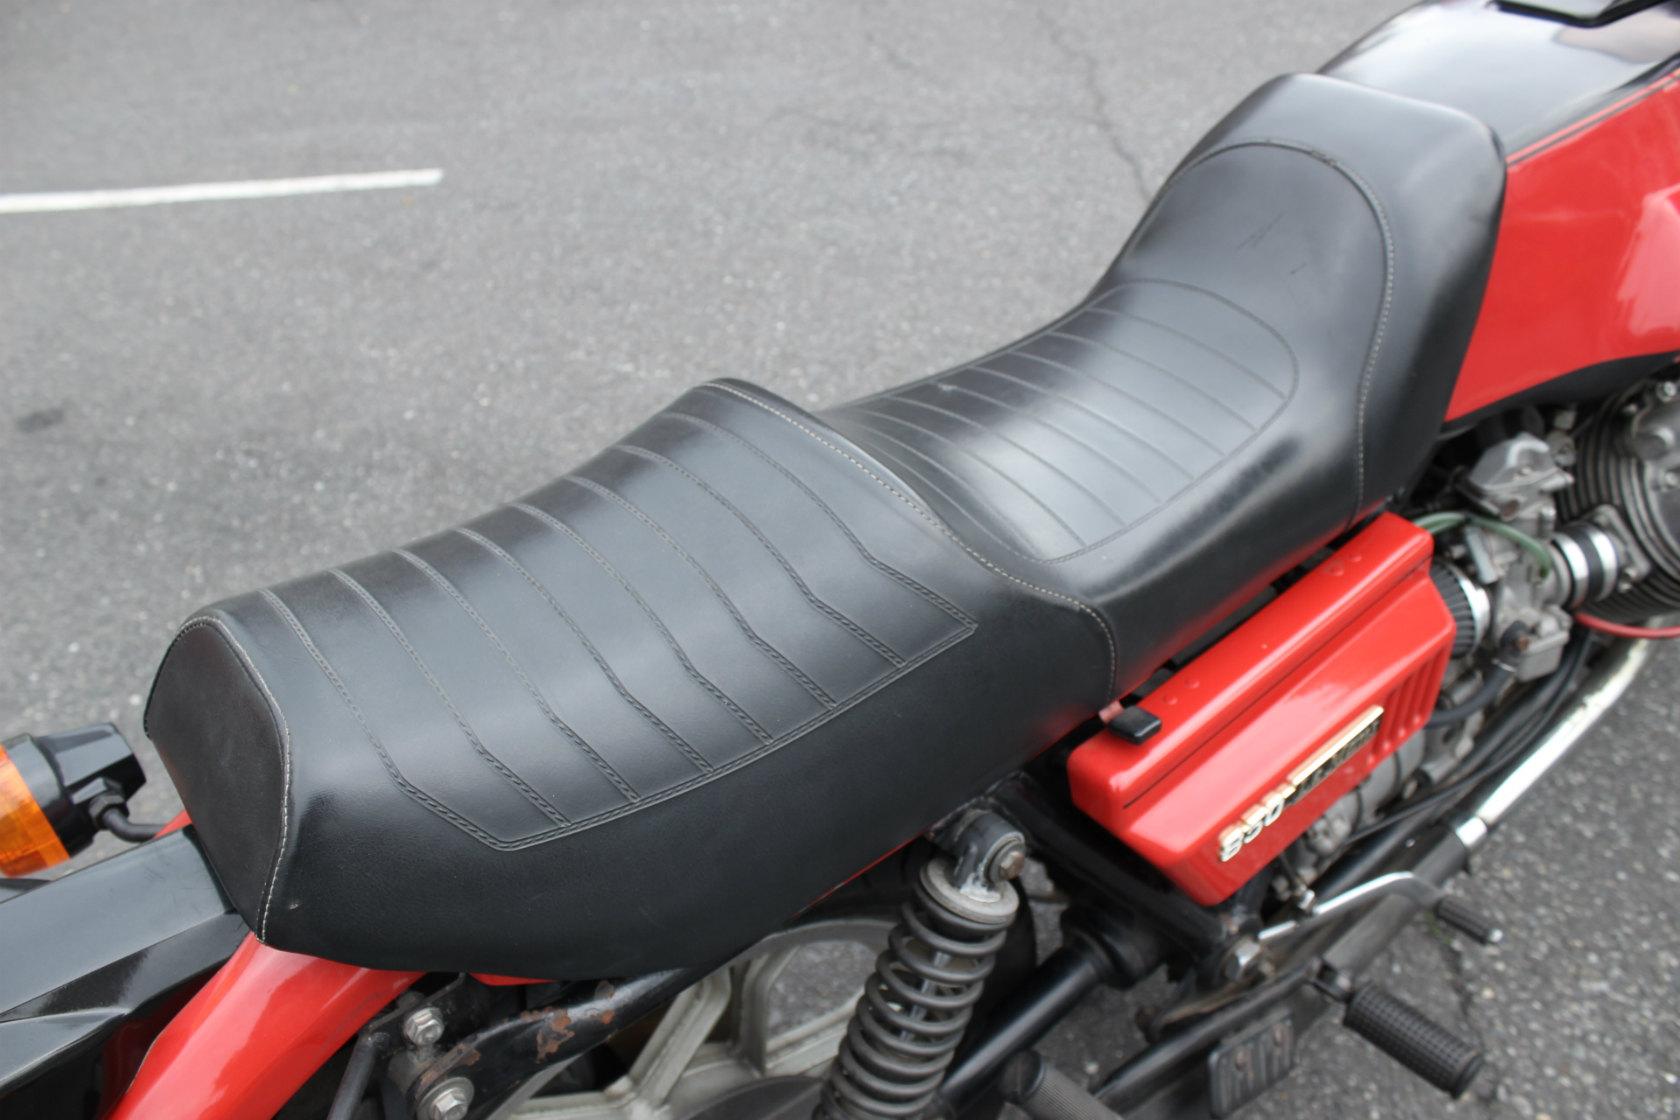 Moto Guzzi CX100 Le mansⅠCustom_a0208987_12182963.jpg